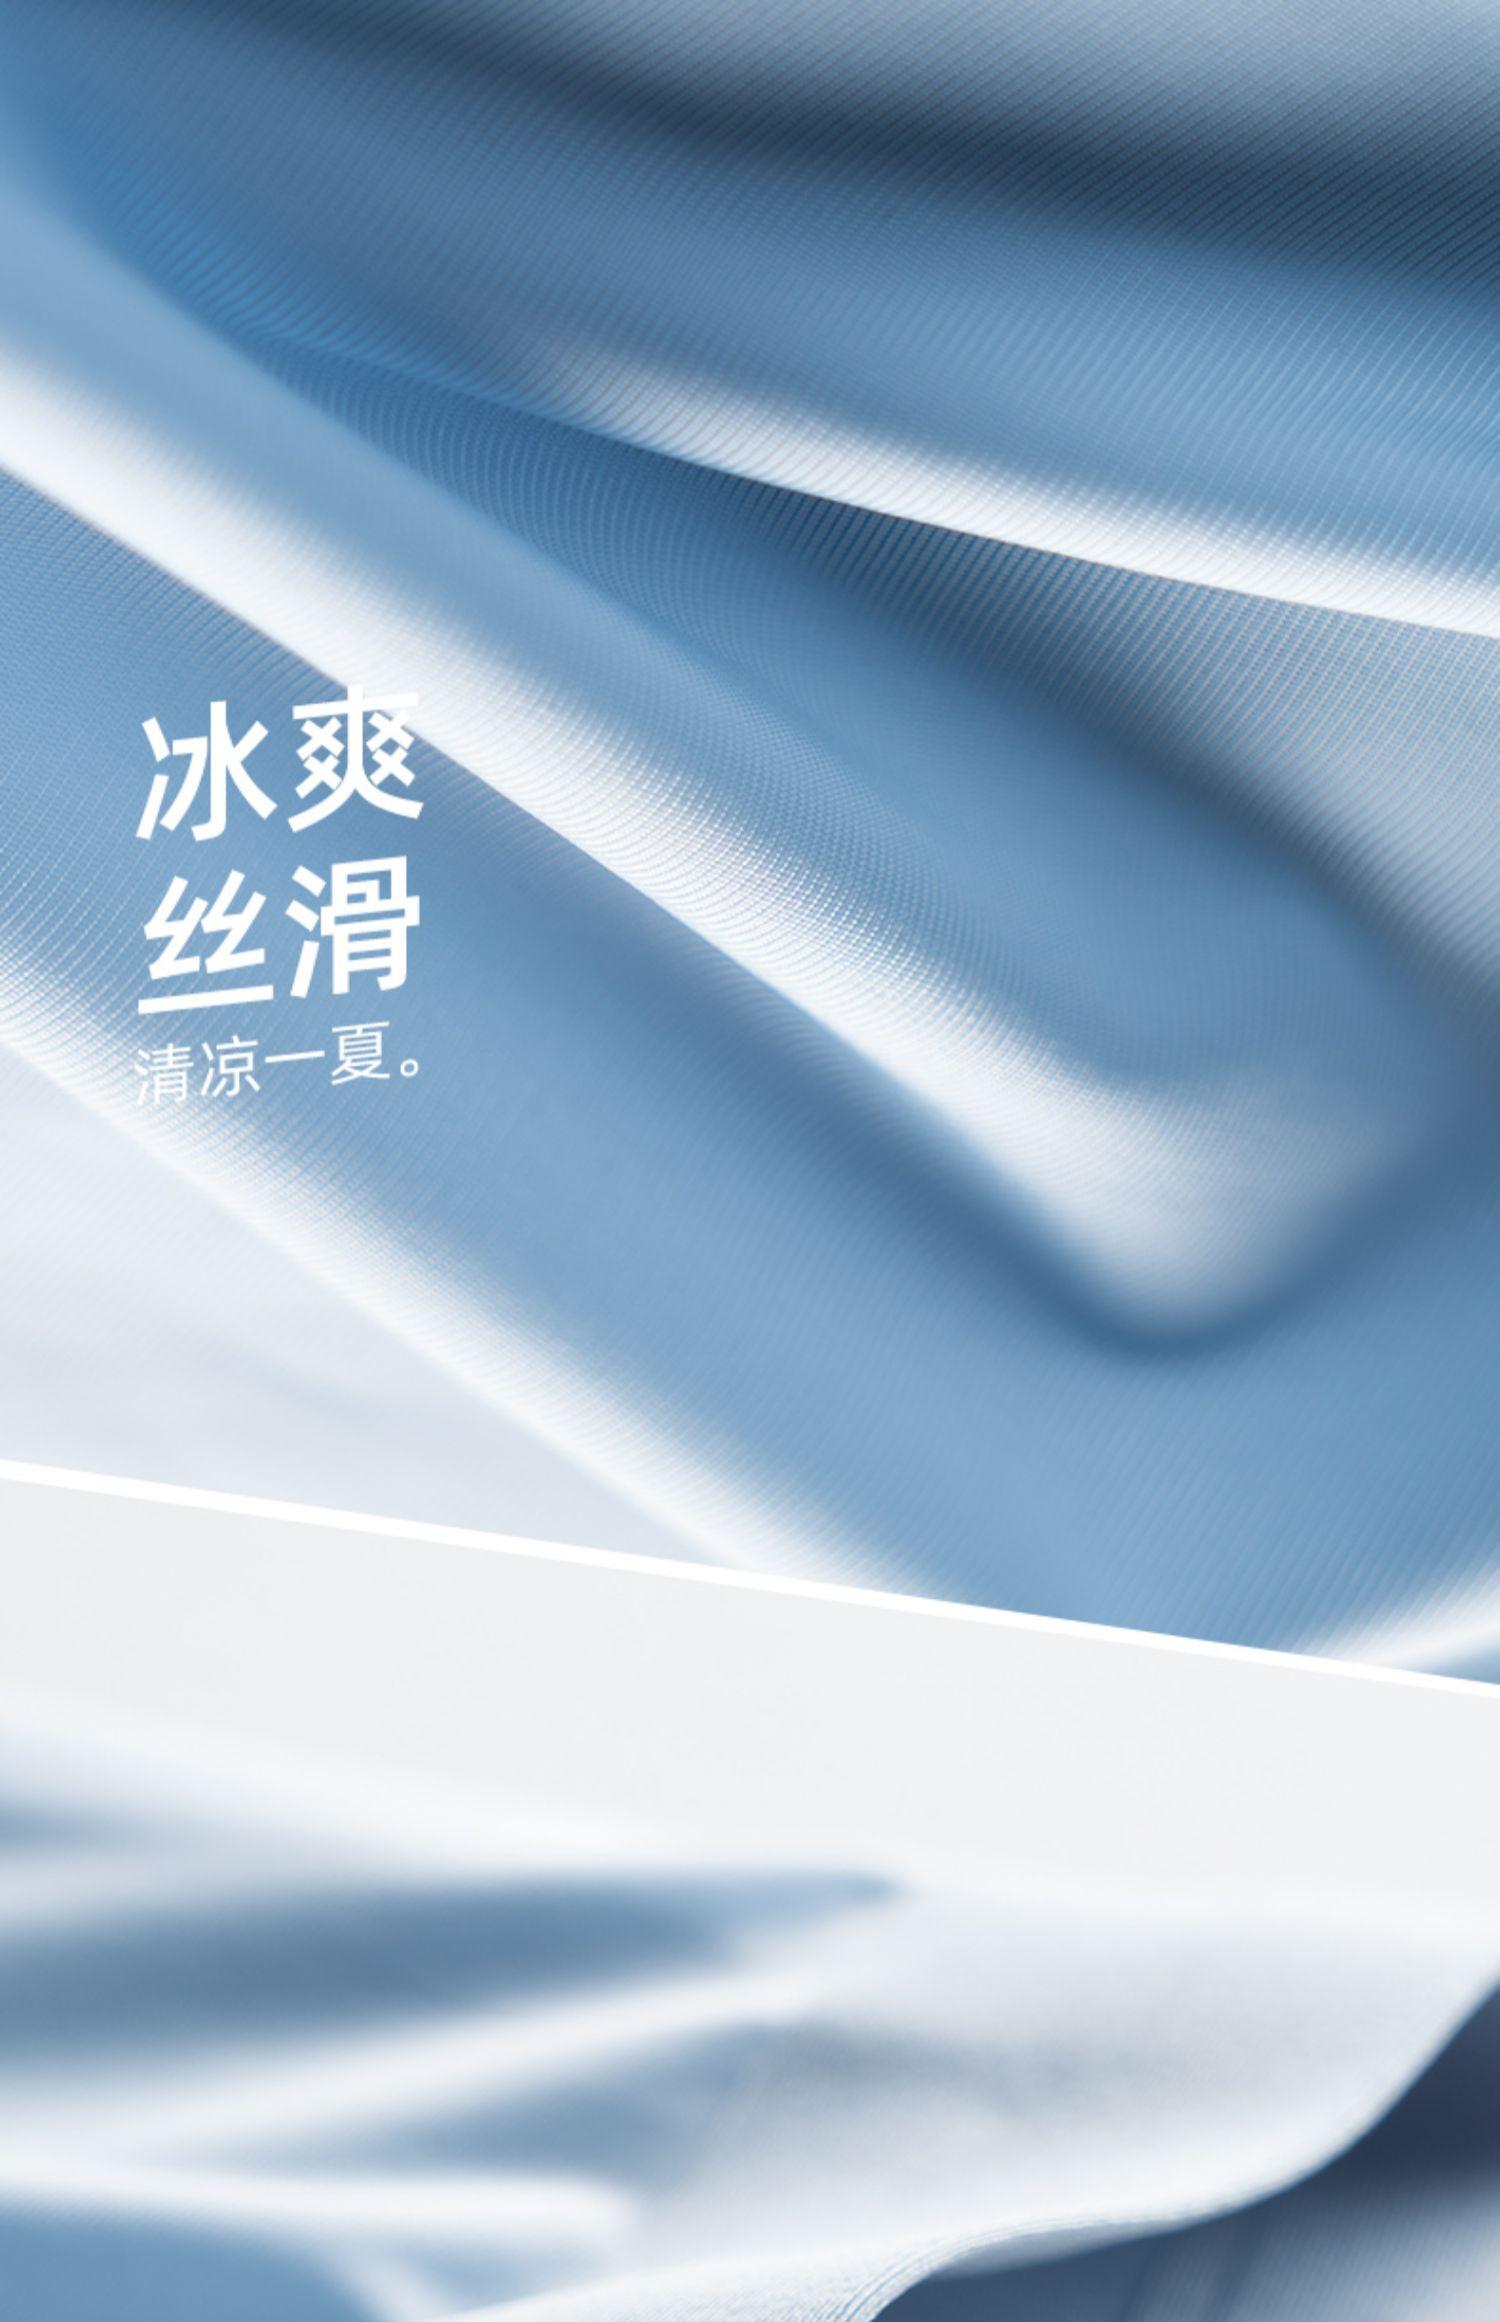 【雷帝·高高】冰丝薄款男士内裤